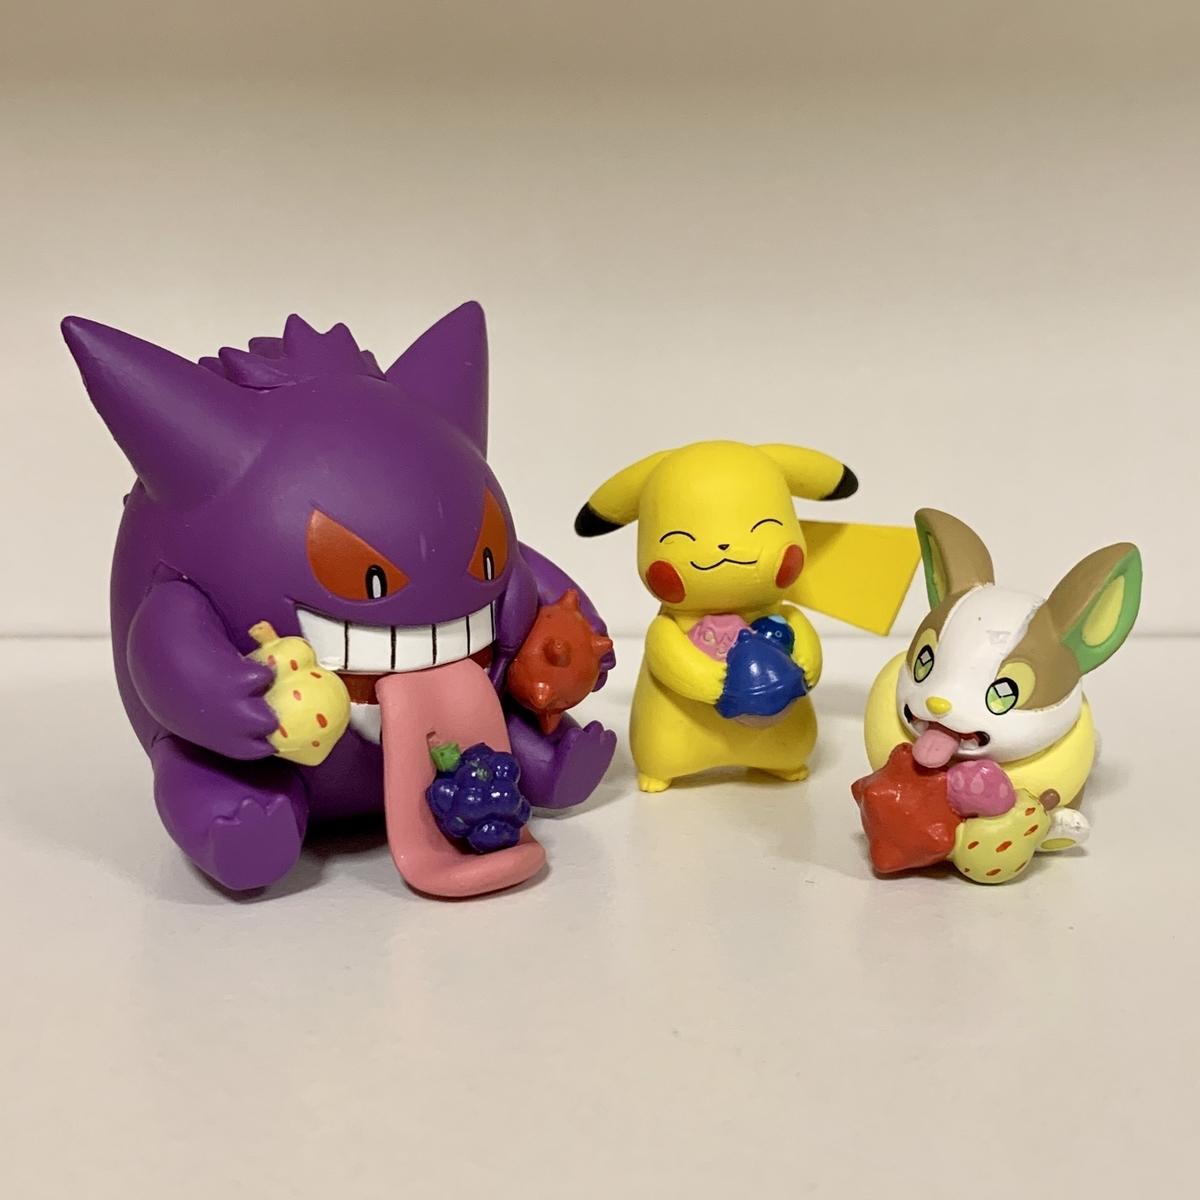 f:id:pikachu_pcn:20200729210623j:plain